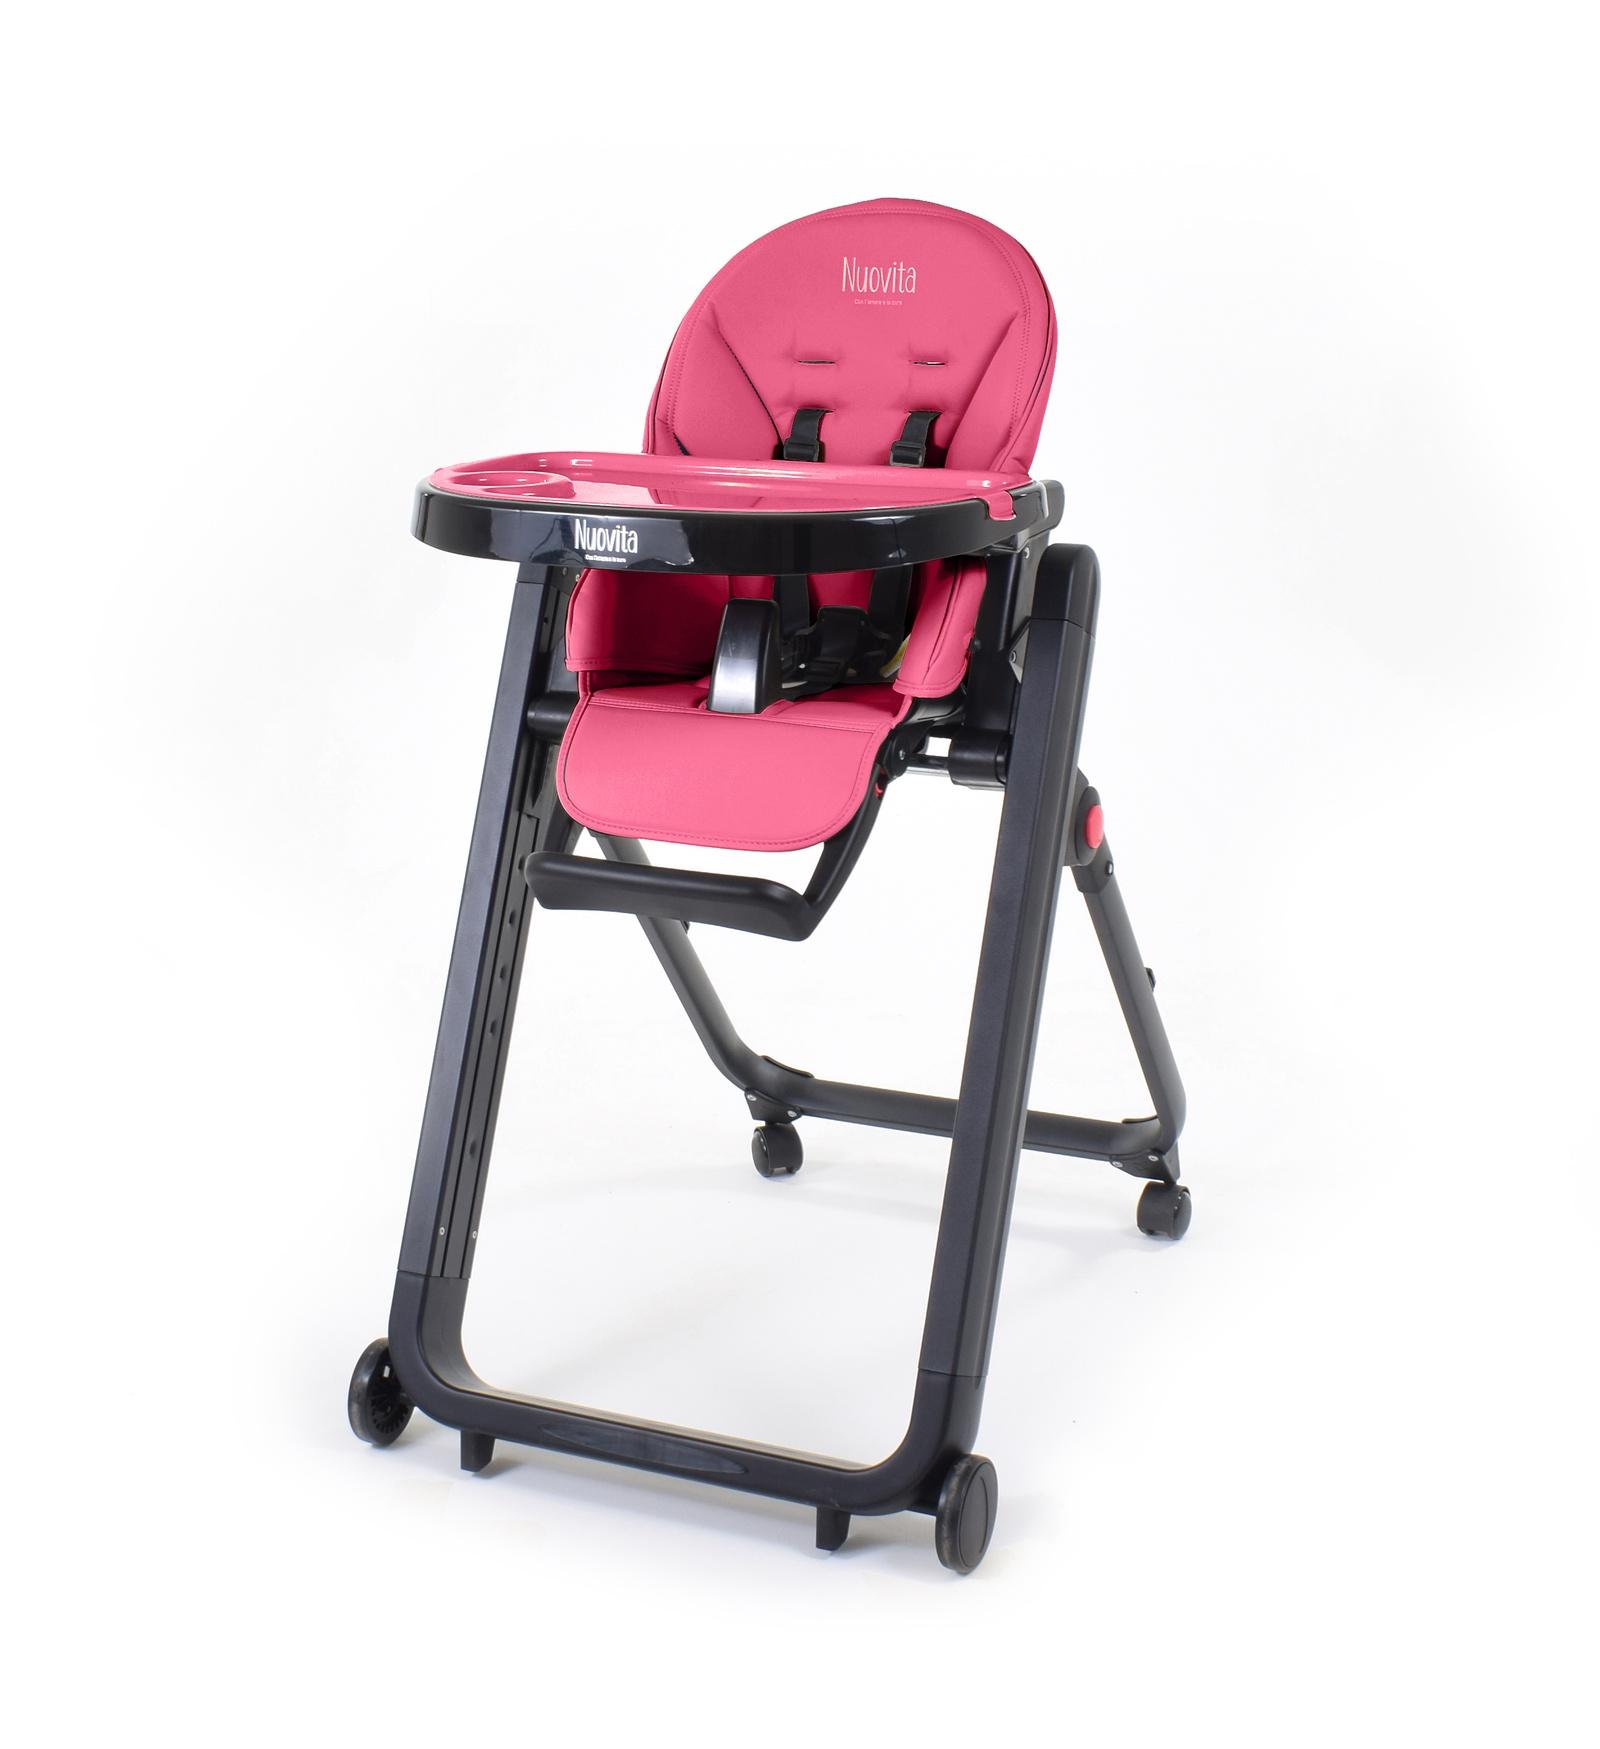 Стульчик для кормления Nuovita Стульчик для кормления Futuro Senso Nero стульчик для кормления nuovita futuro nero giallo